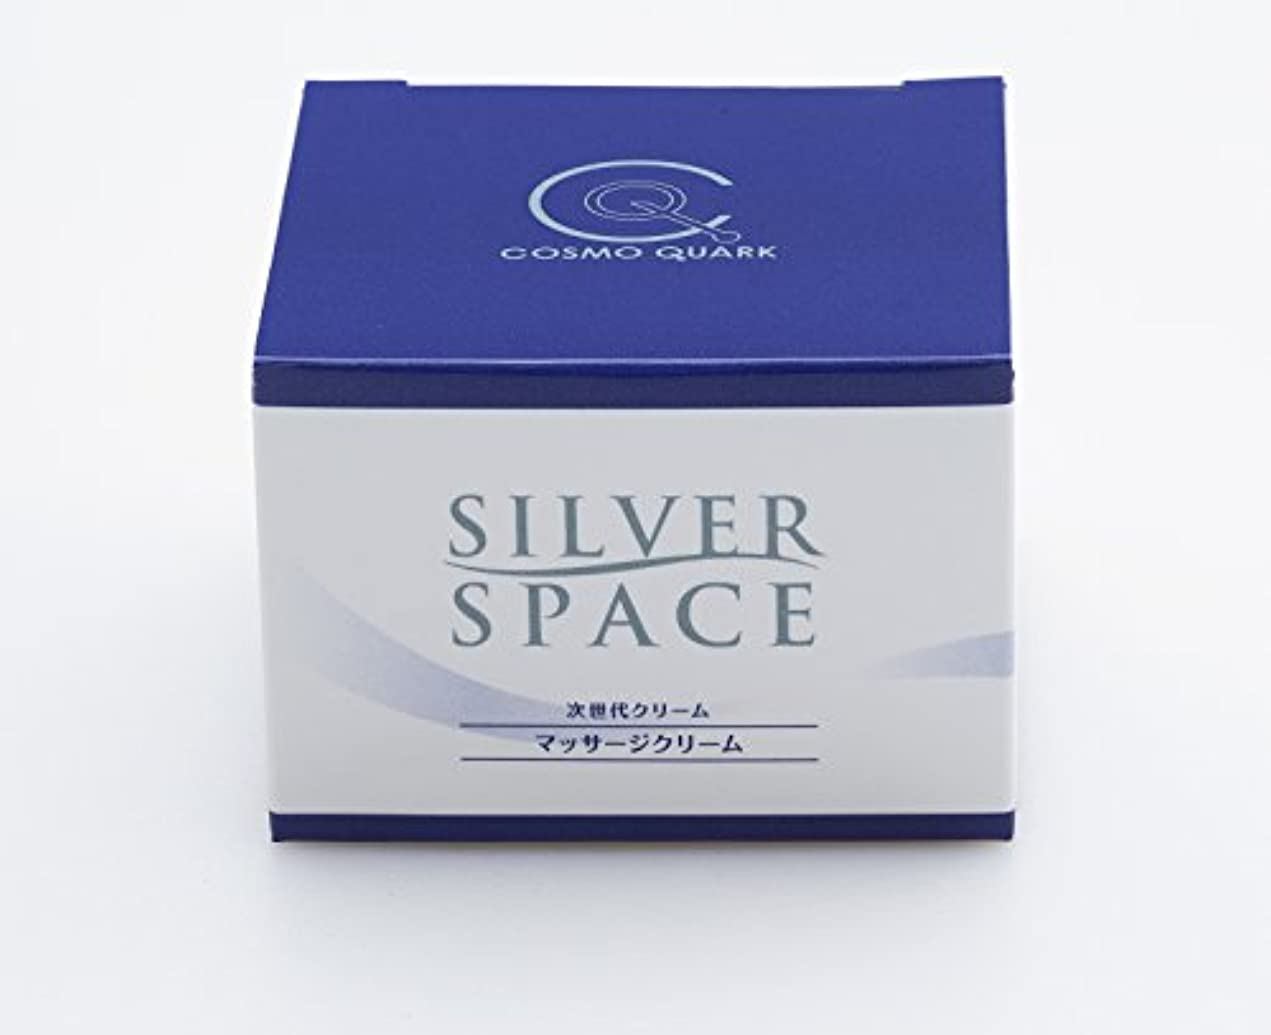 布公演民主主義クオンタムキュア(Quantum Cure)SILVER SPACE シルバースペース